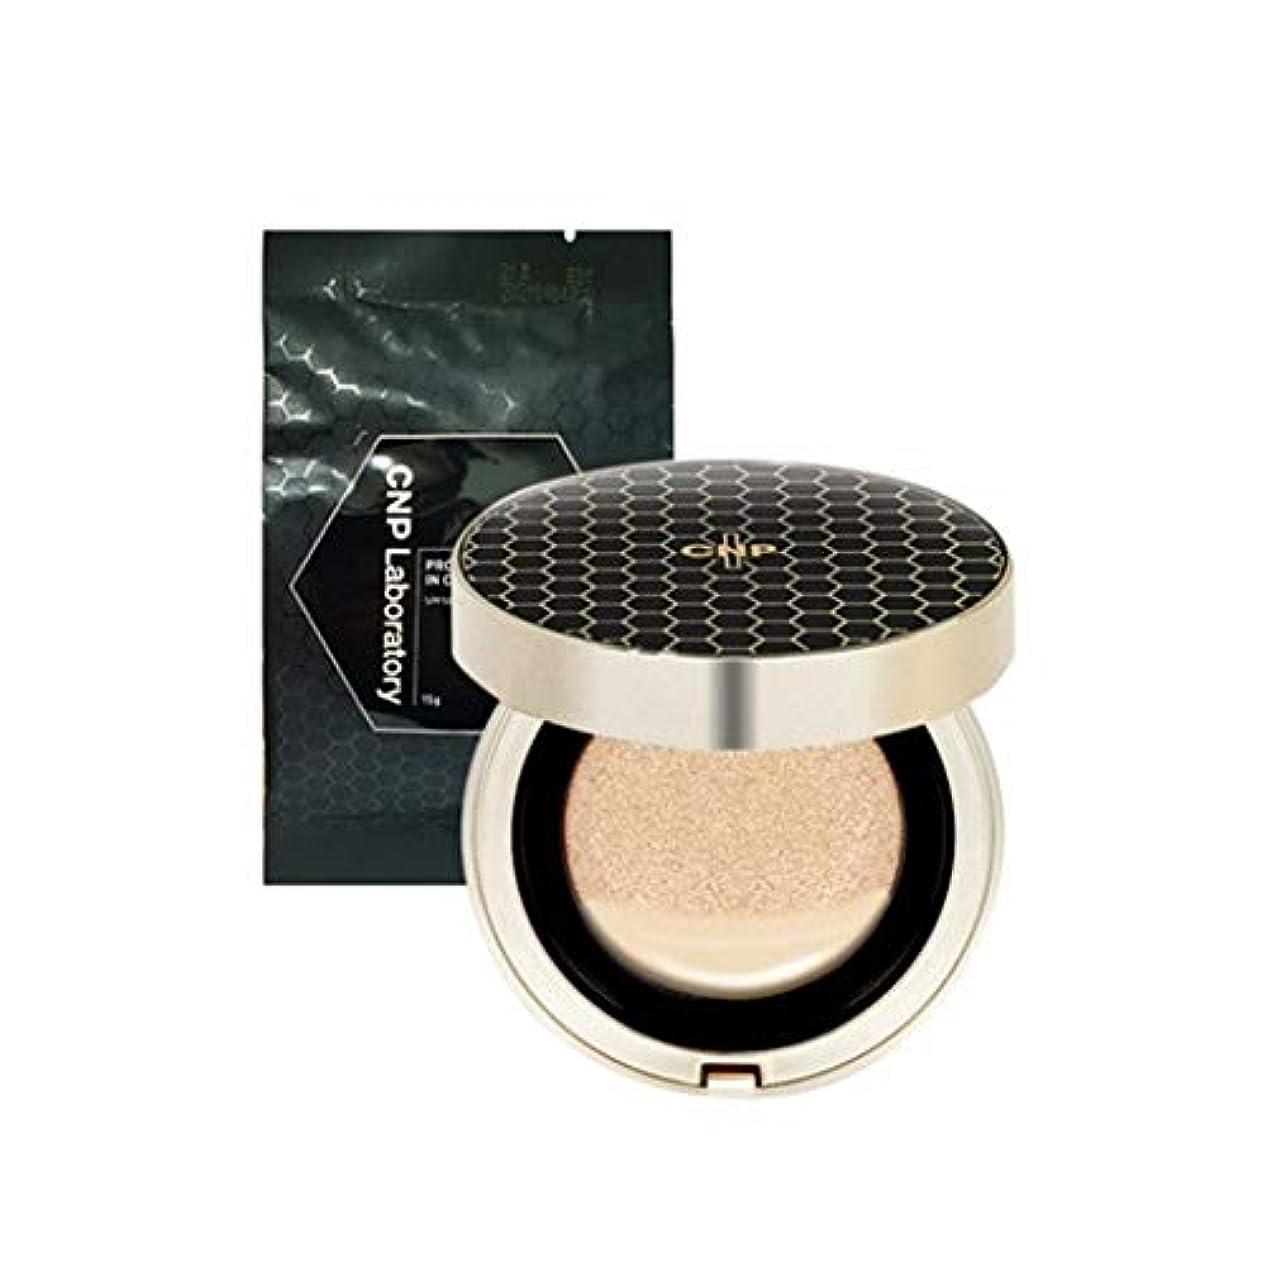 リテラシー風が強い媒染剤CNP プロポリスアンプル?イン?クッション本品+リフィルセット韓国コスメ、CNP Propolis Ampule in Cushion+ Refill Set Korean Cosmetics [並行輸入品] (No. 21)